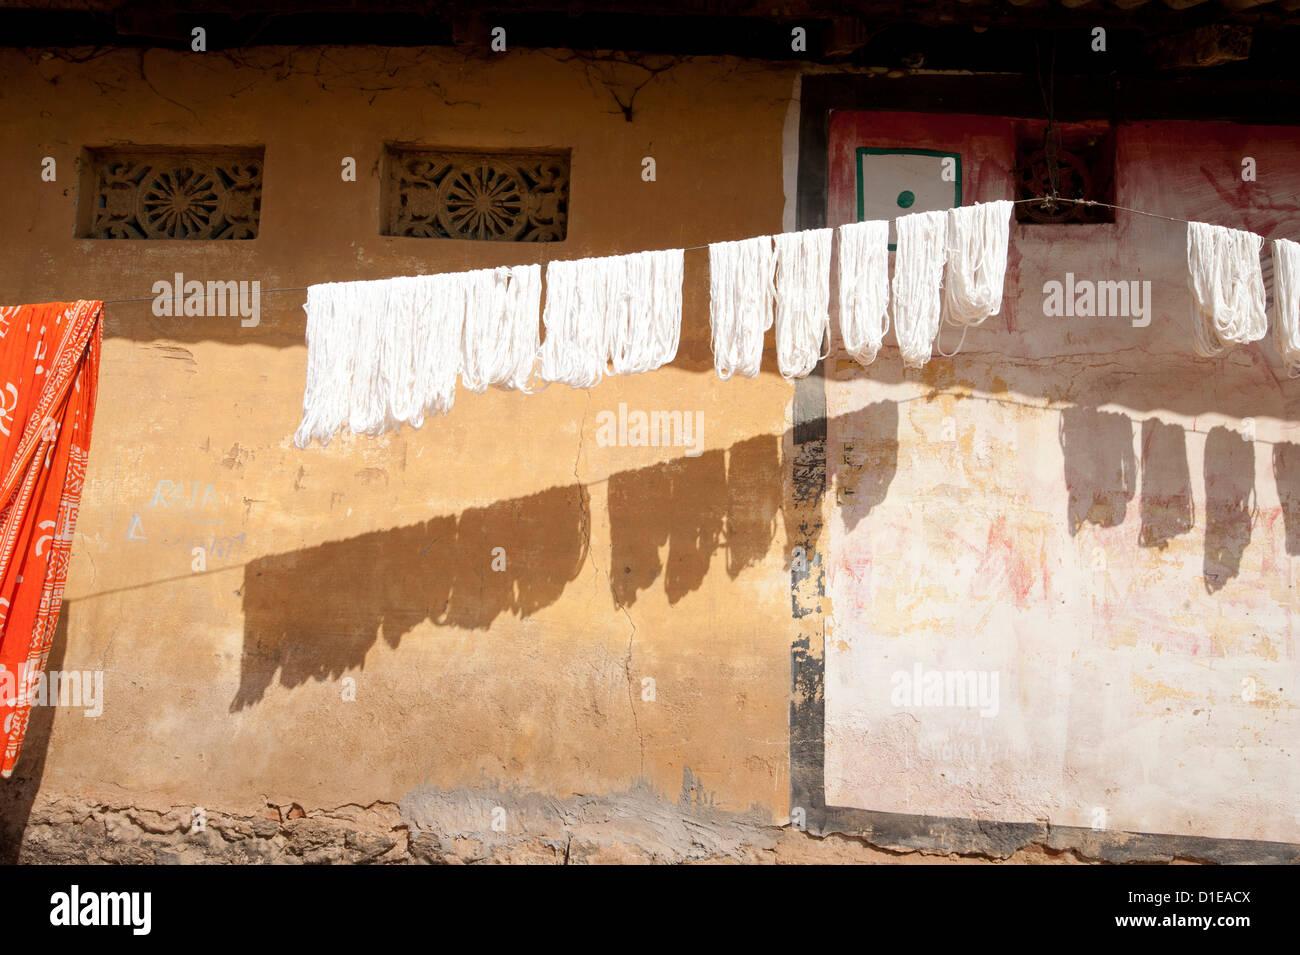 Las madejas de lavado hilar seda cruda colgando para secar a lo largo de una pared de la casa de aldea, la aldea Imagen De Stock